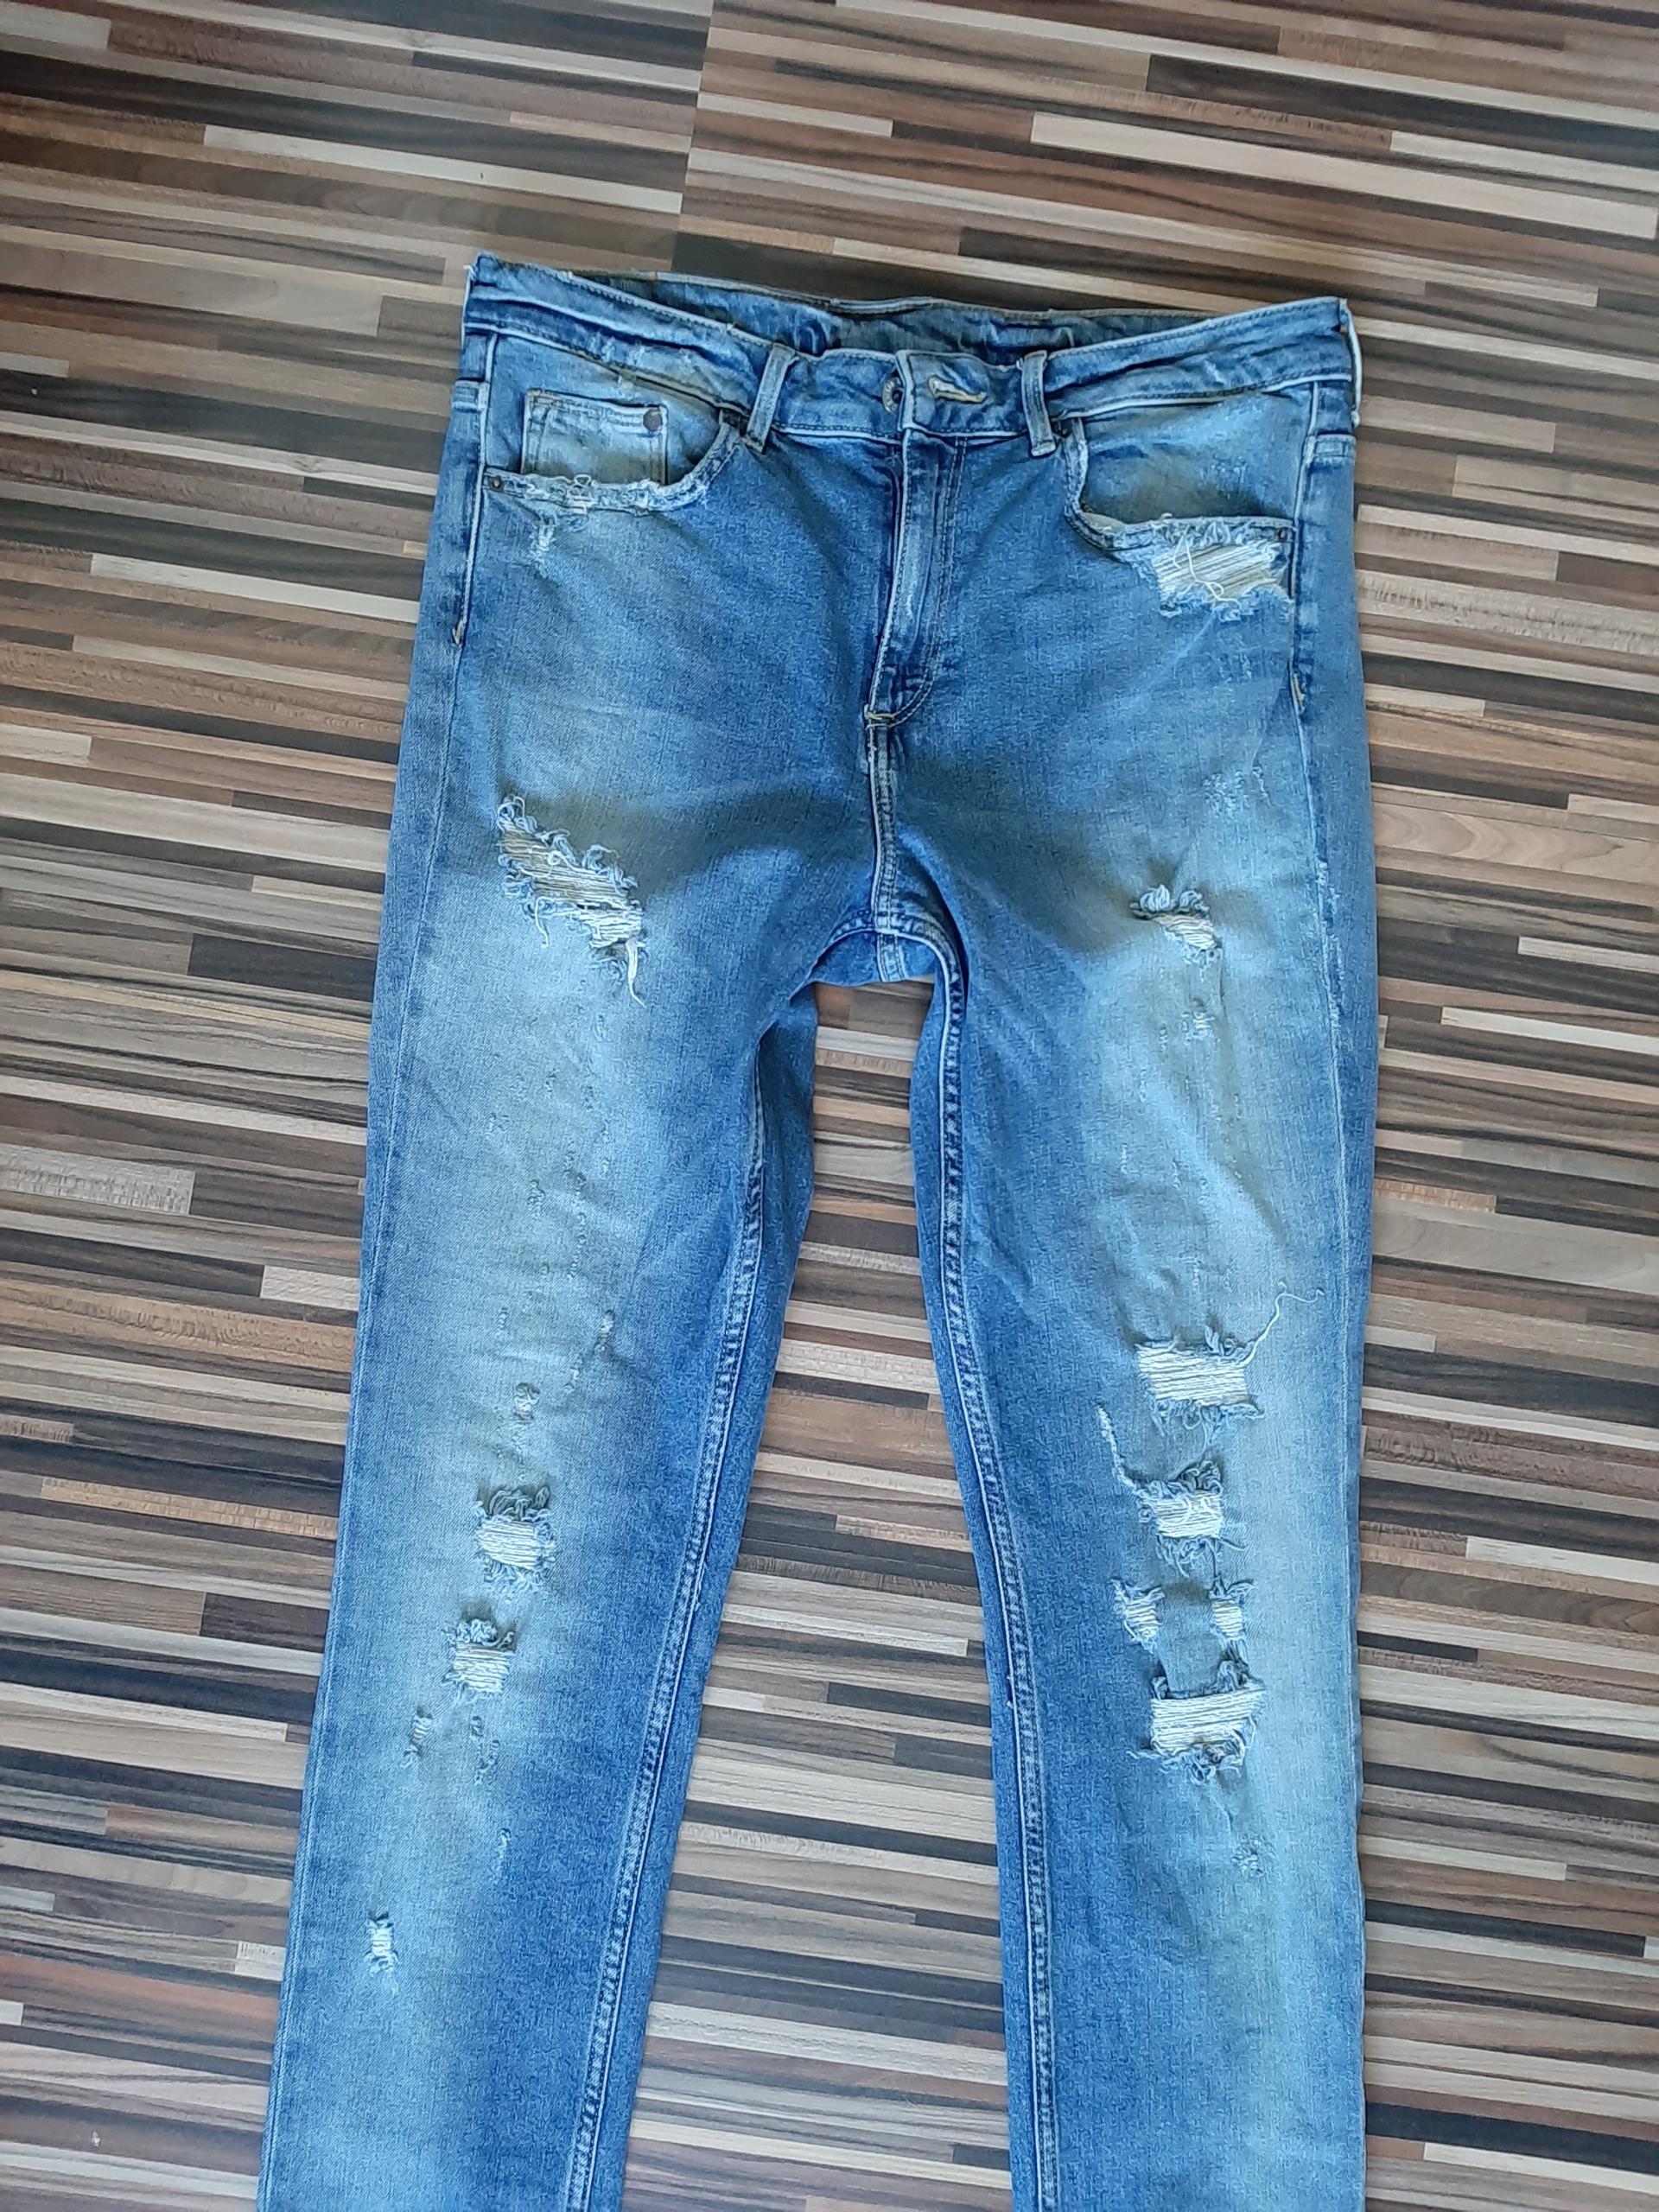 H&M spodnie jeansy męskie 31/32